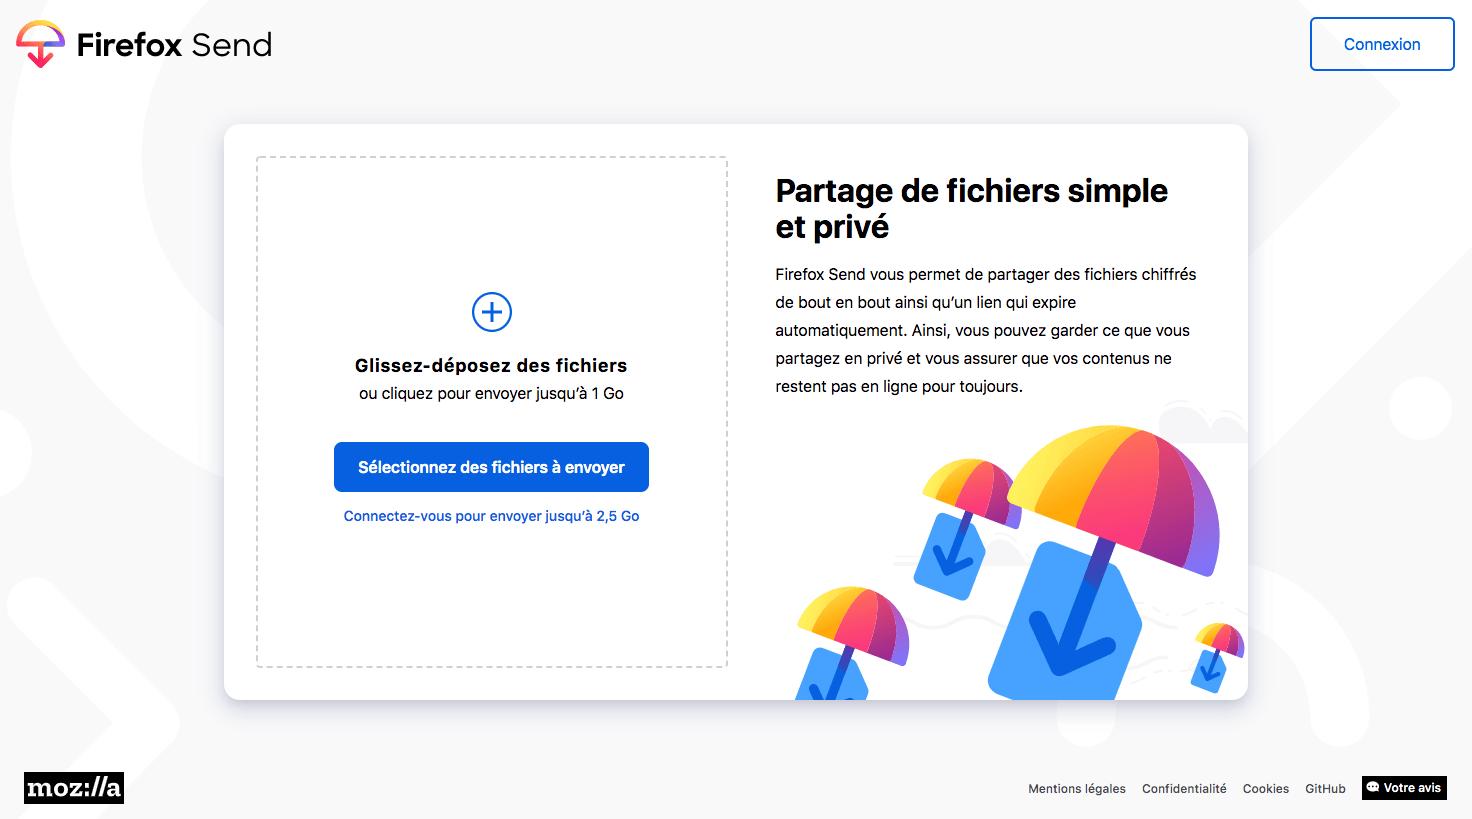 site de partage en ligne de gros fichier